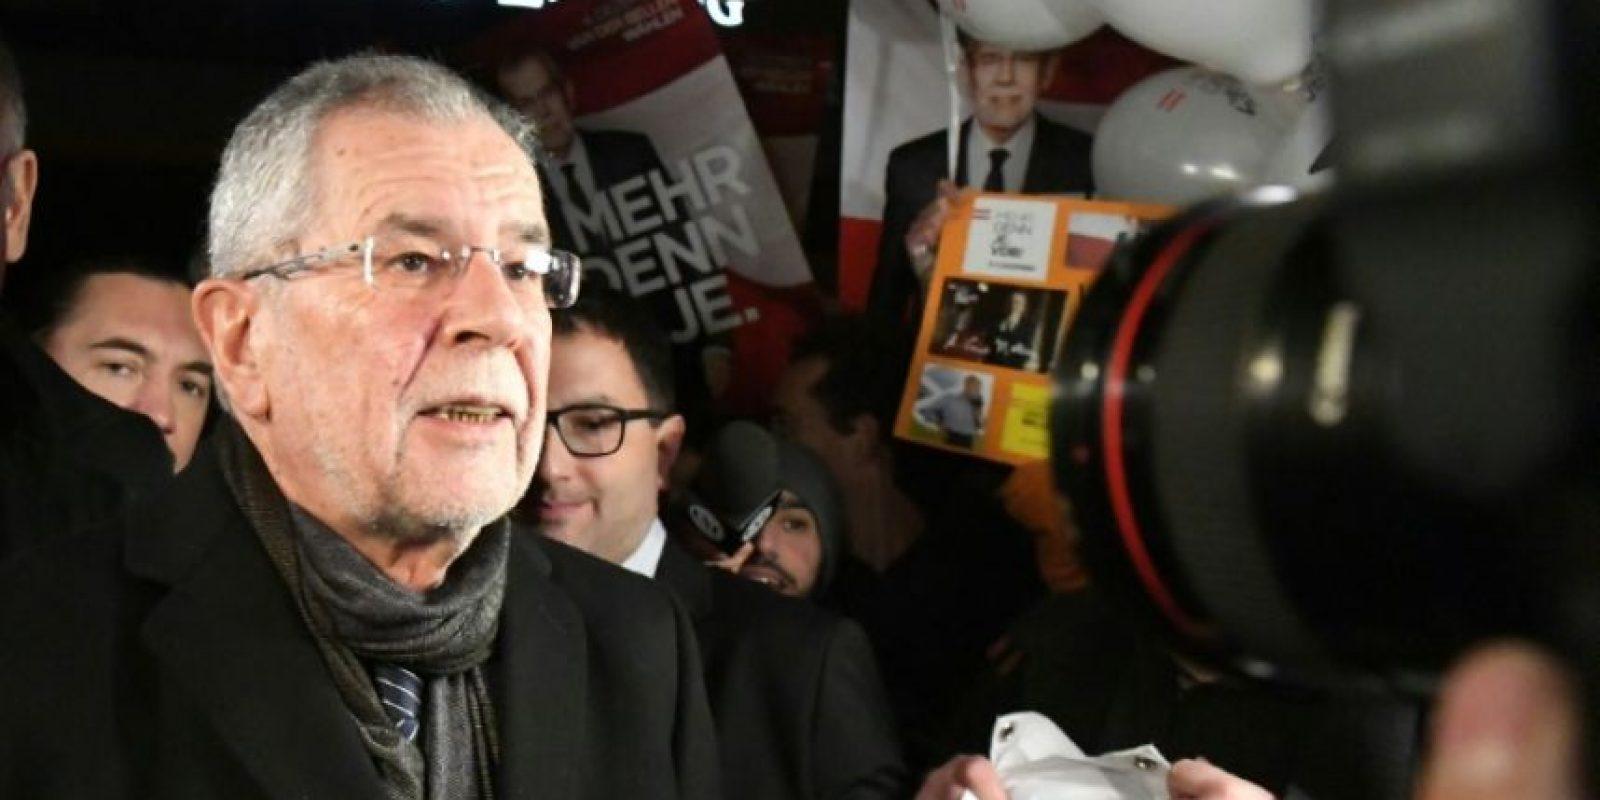 El candidato presidencial austríaco Alexander van der Bellen, profesor univeristario de los Verdes, antes de un debate que se emitió en televisión desde Viena, el 27 de noviembre de 2016 Foto:Joe Klamar/afp.com